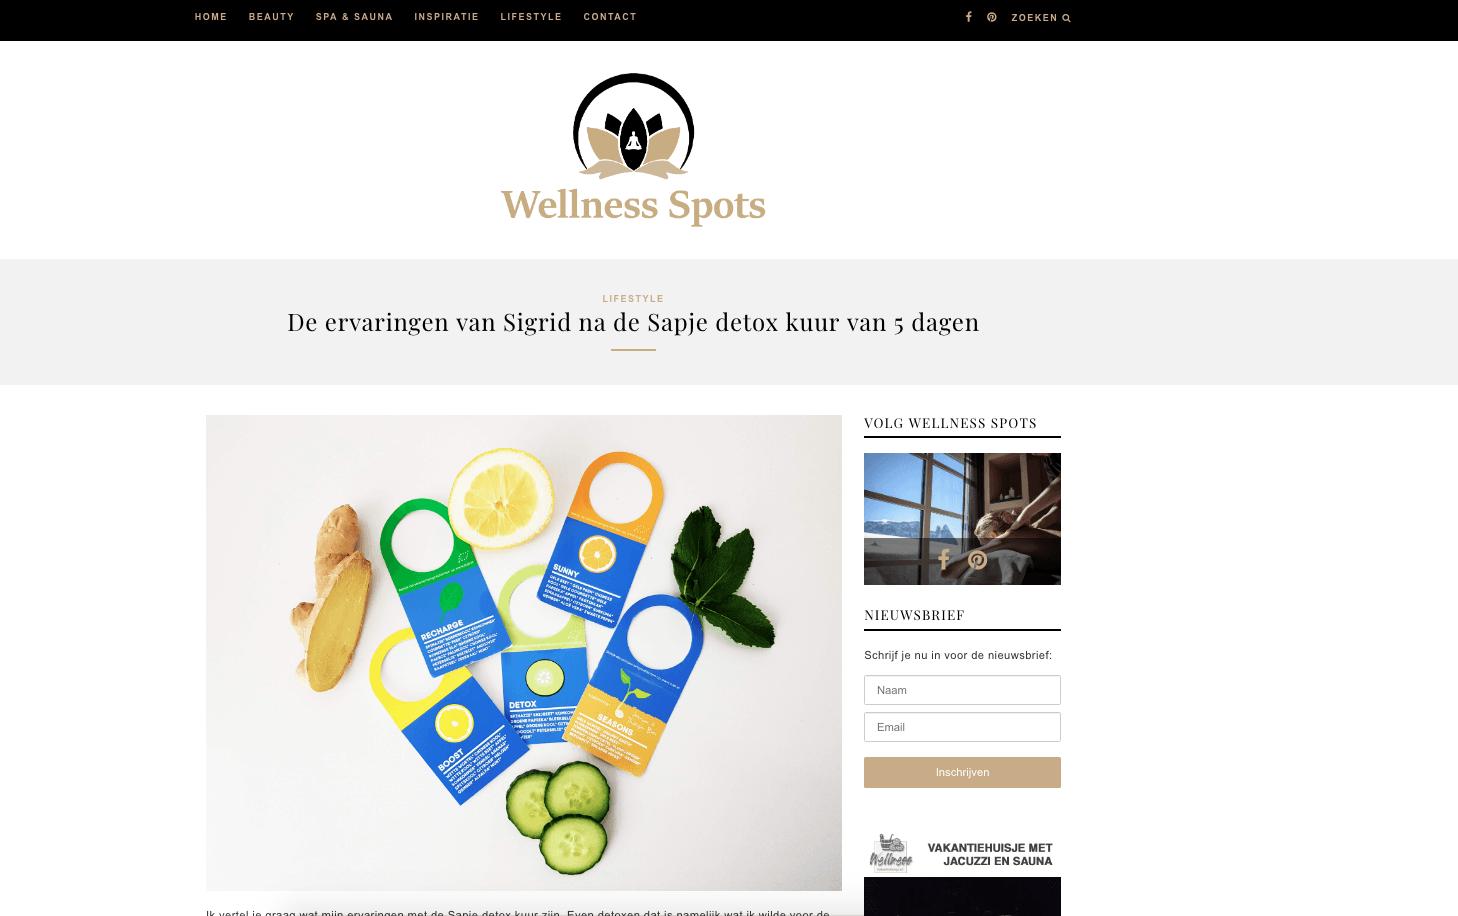 wellness spots review